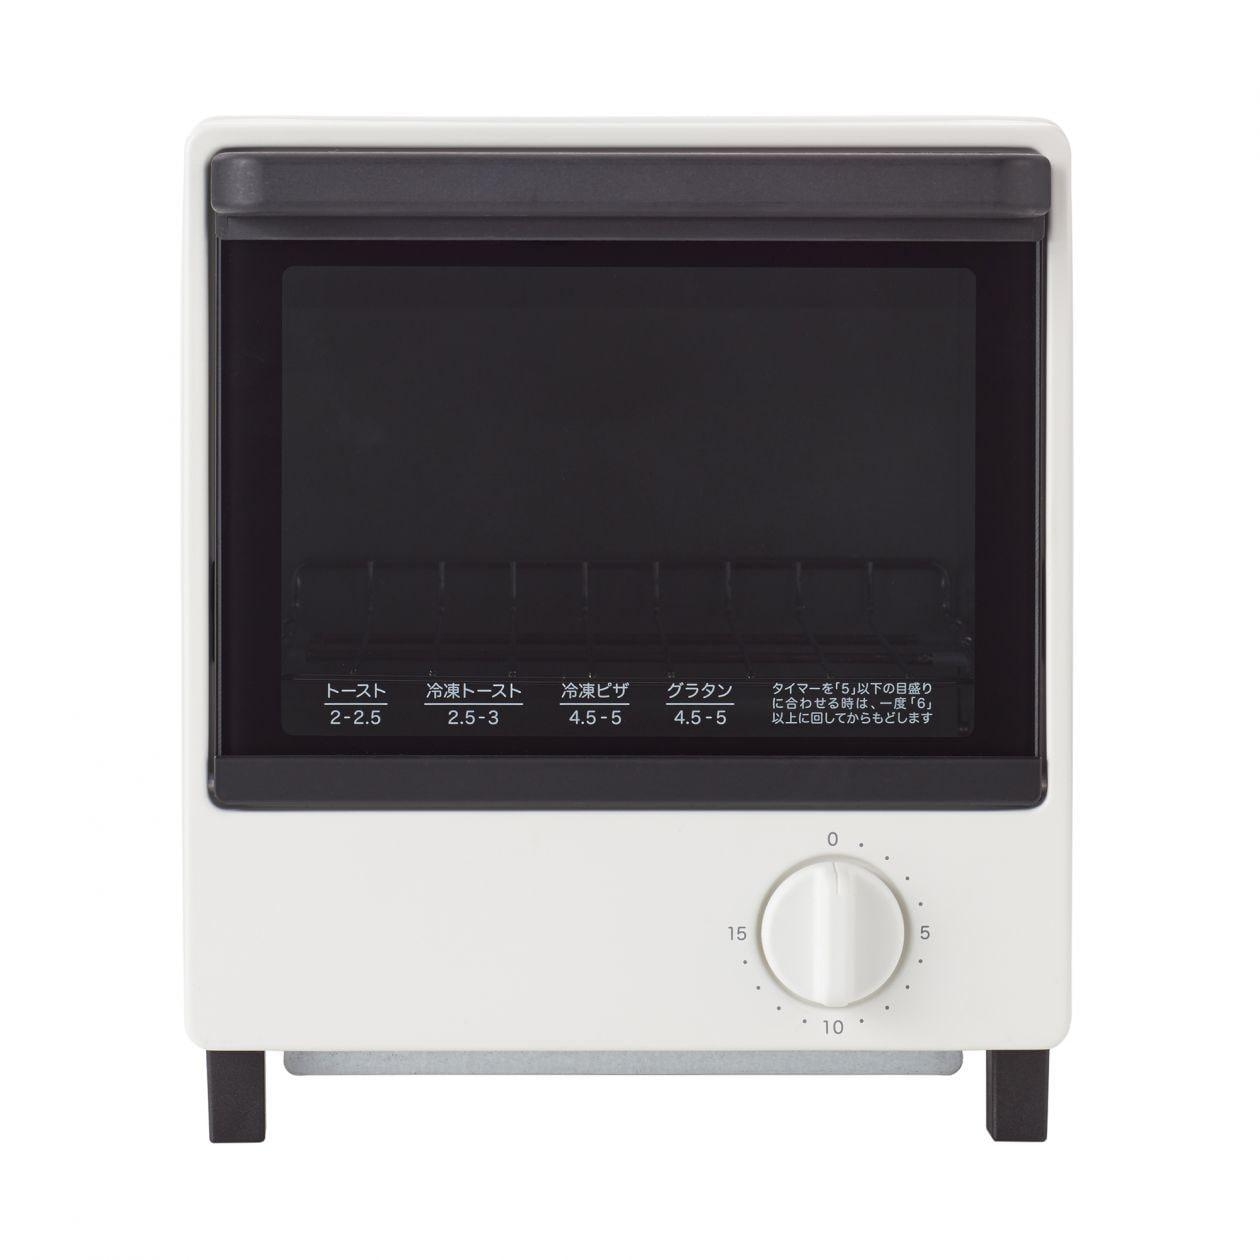 無印良品(MUJI) オーブントースター MJ-SOT1の商品画像